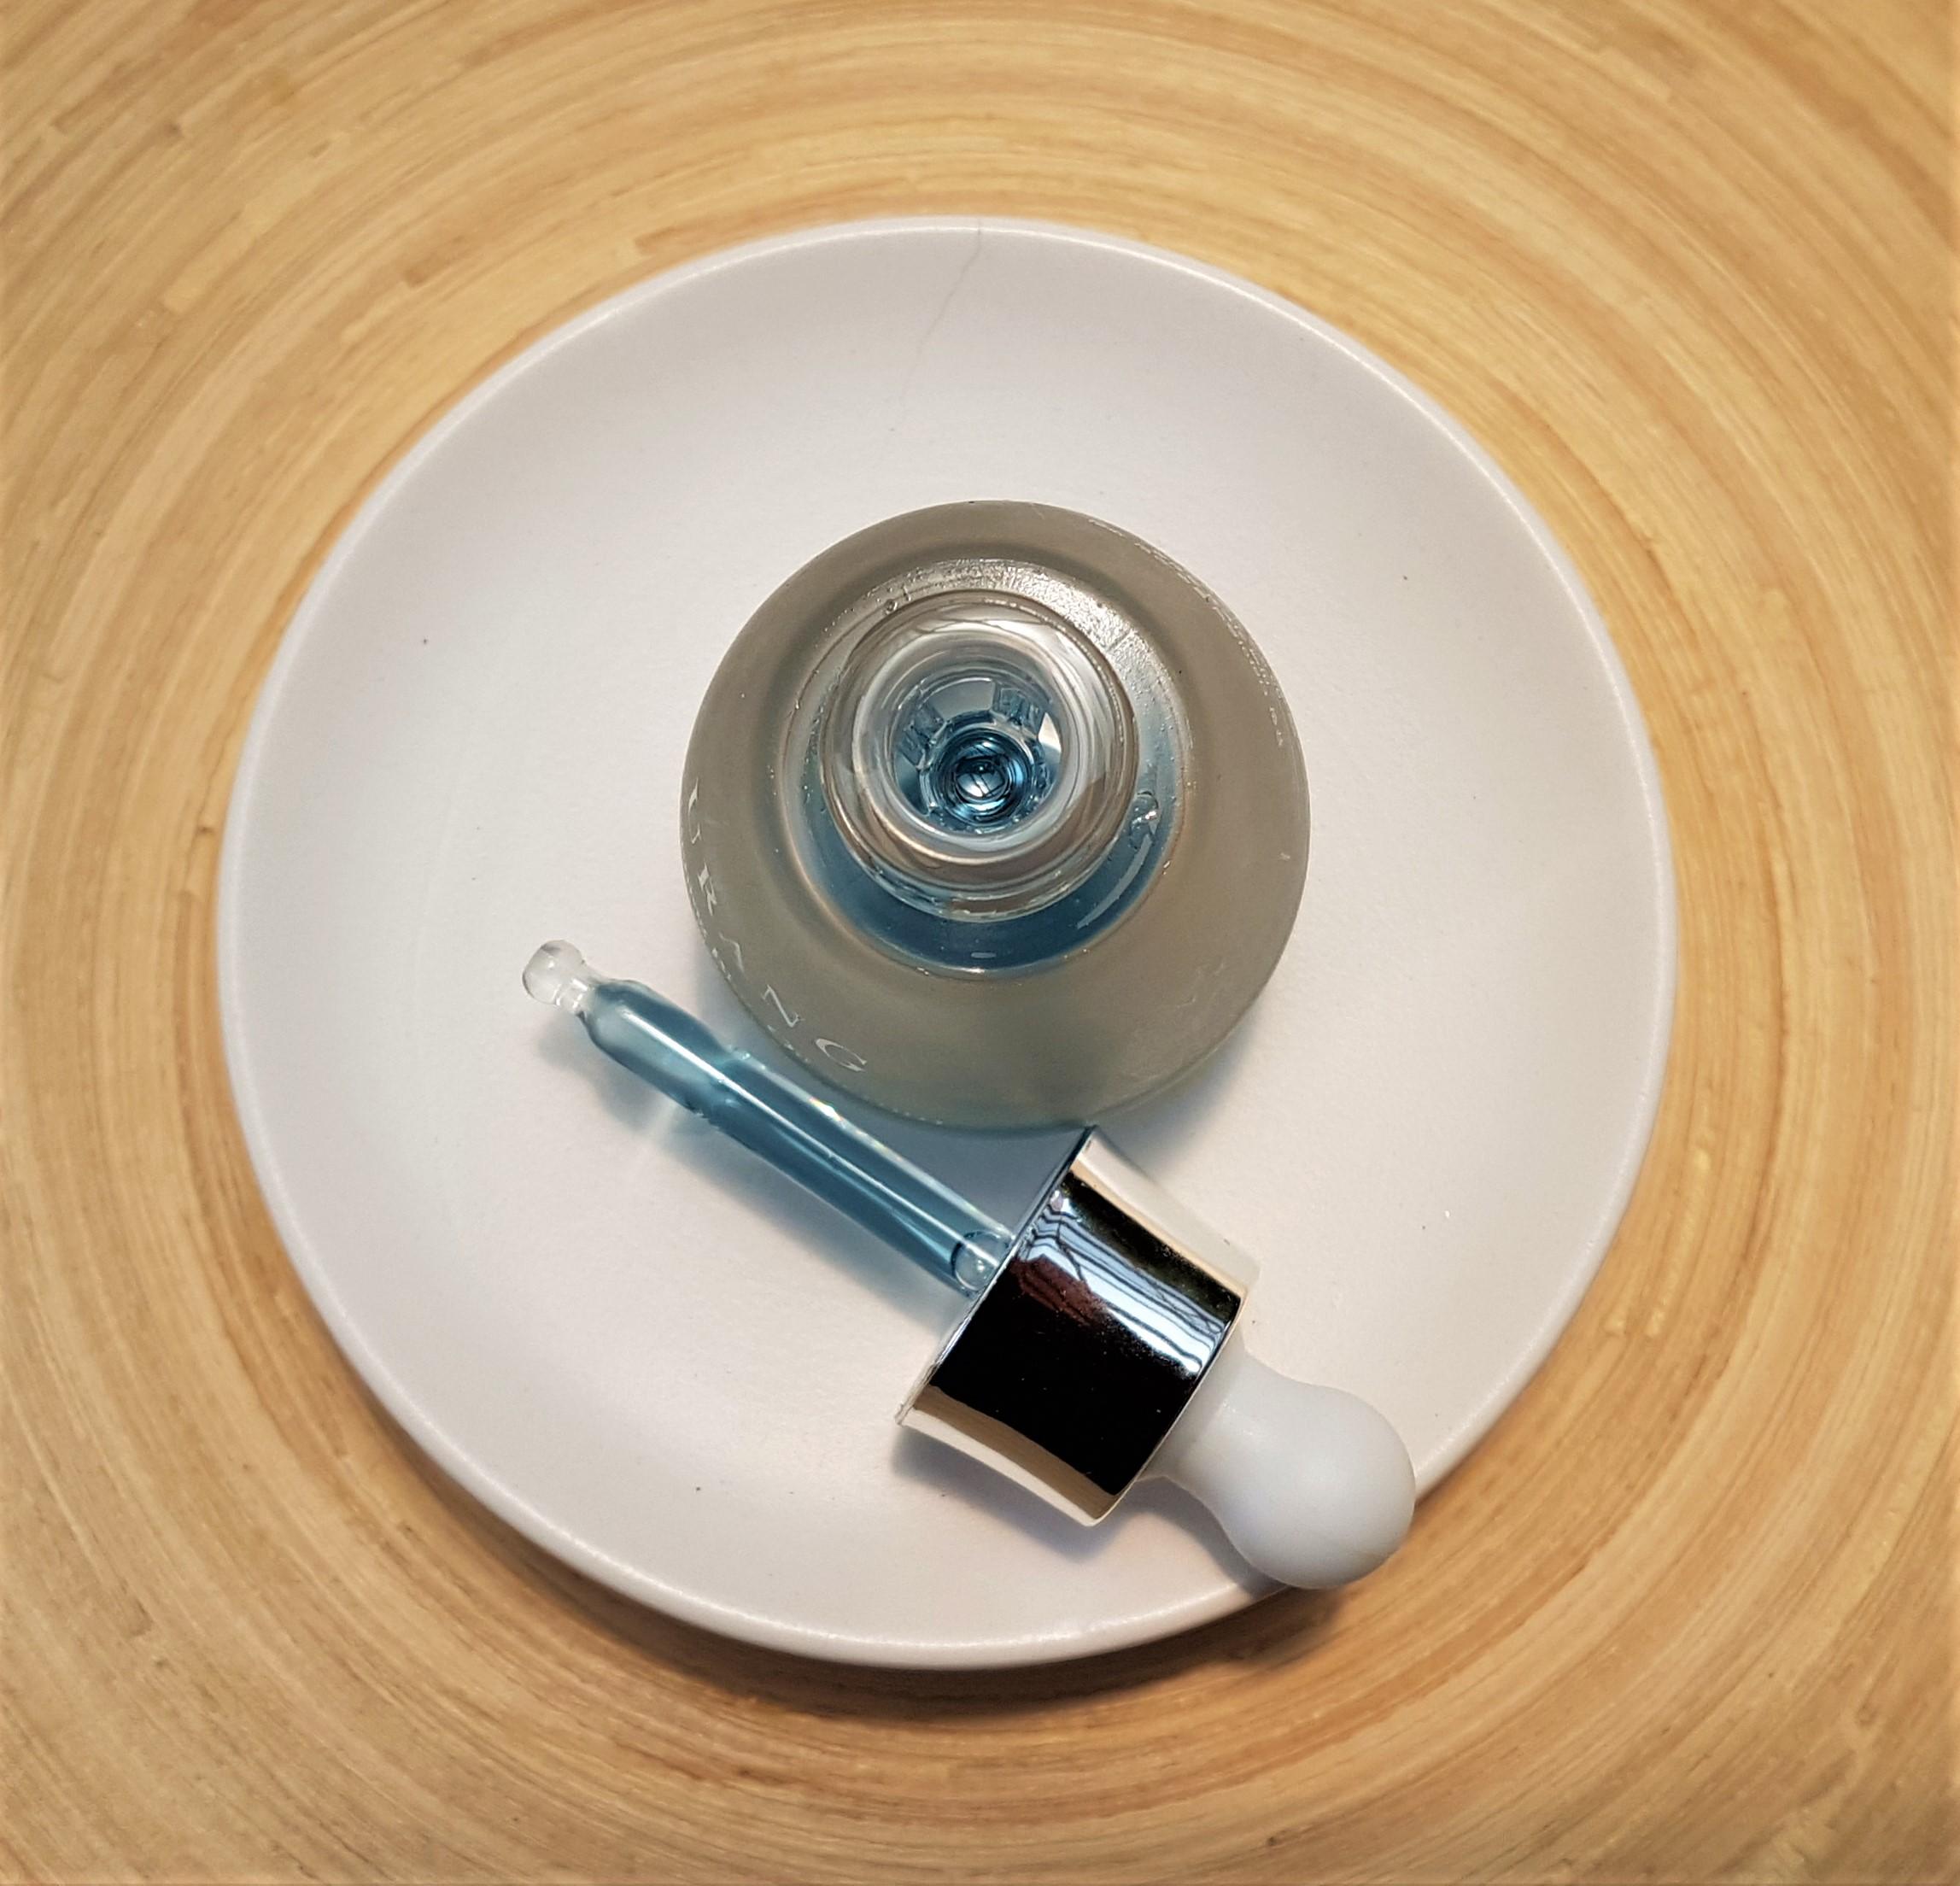 Urang Brightening Blue Oil Serum Packaging